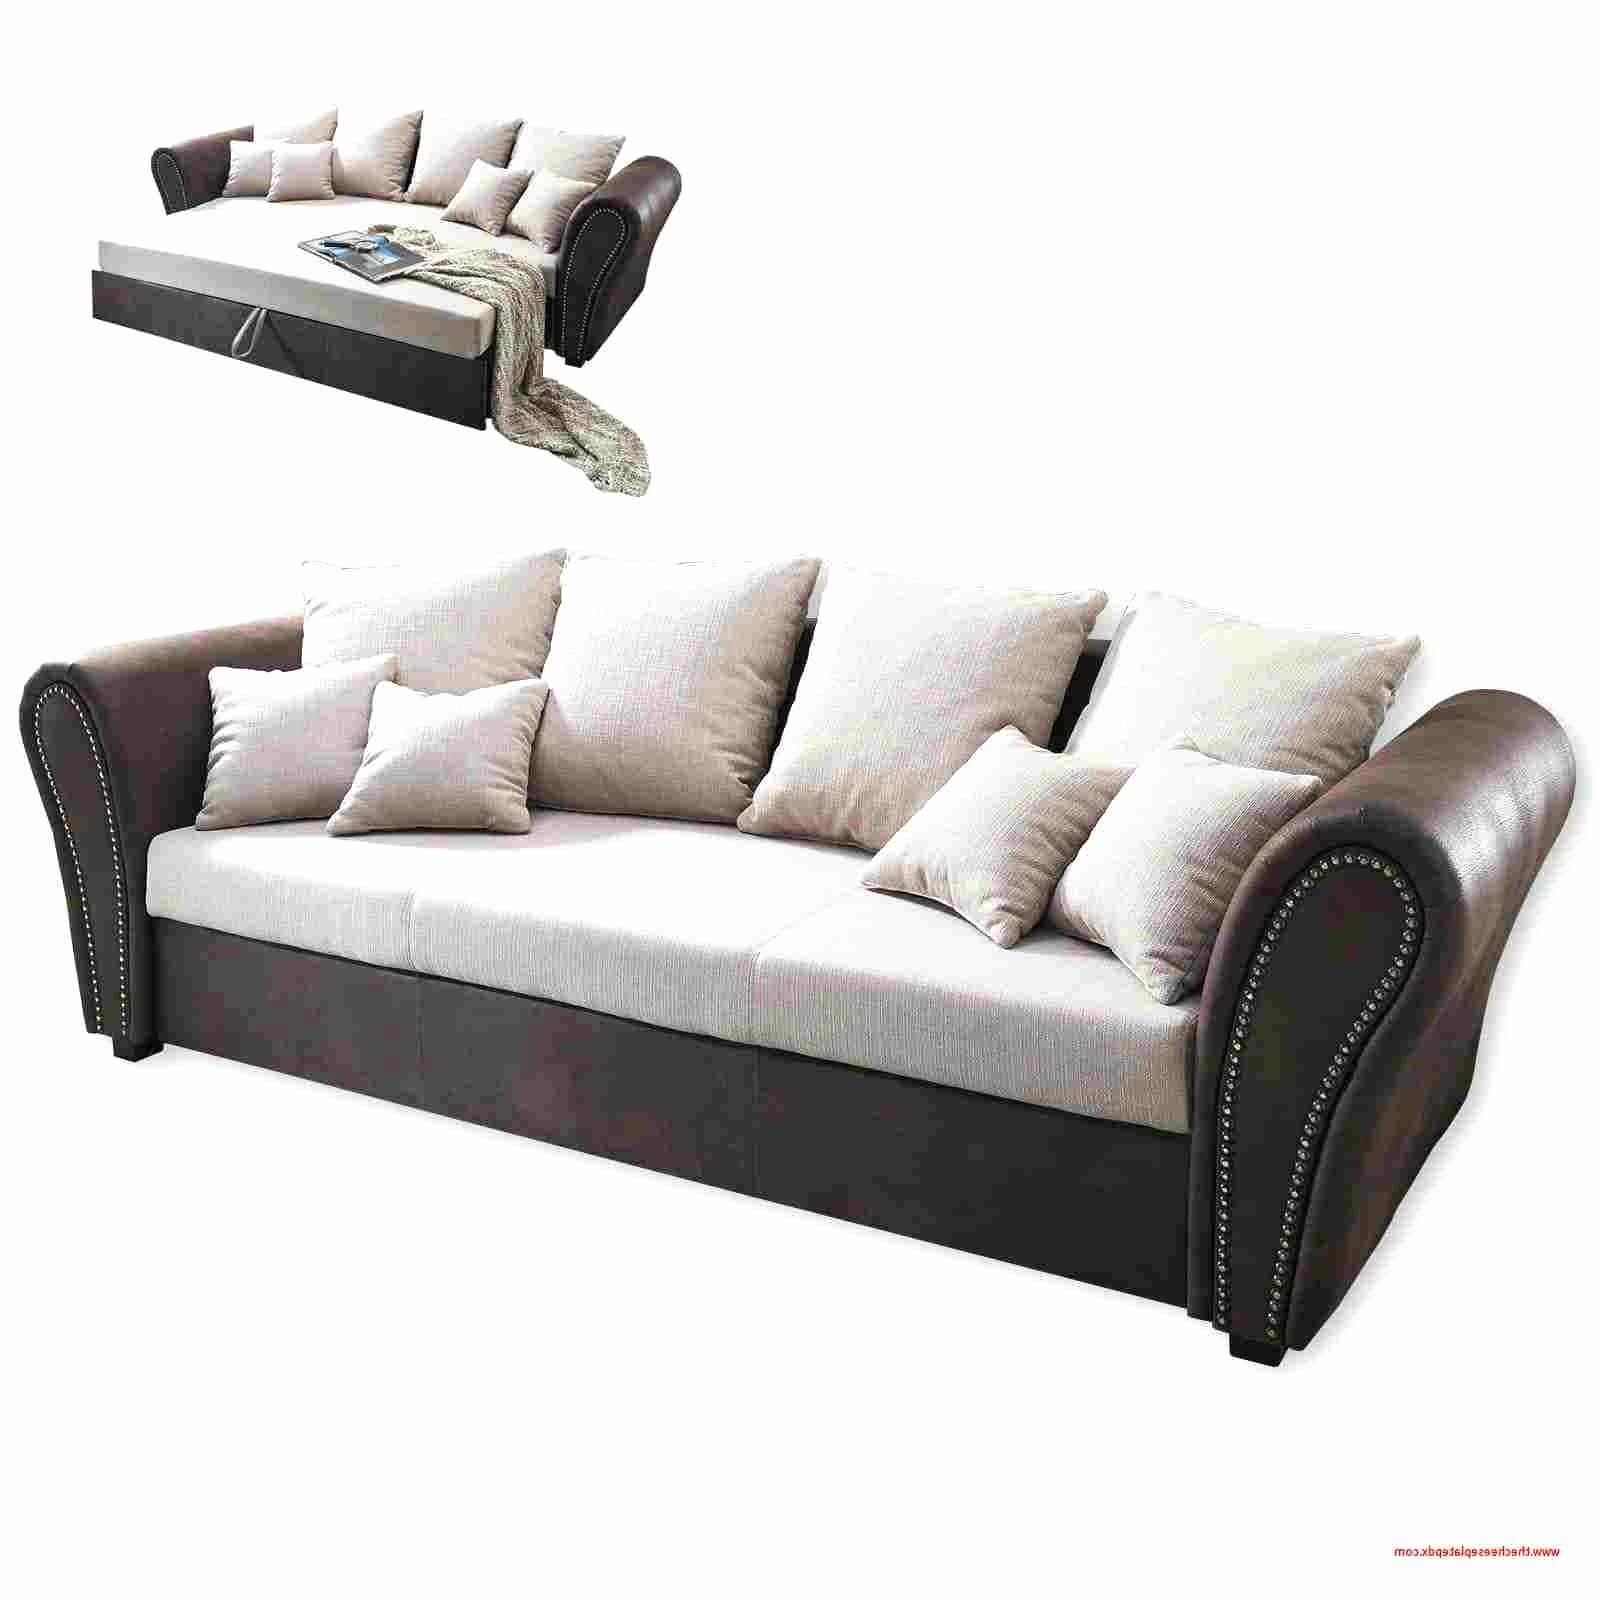 Full Size of Big Sofa Roller Arizona Kolonialstil Sam Bei Grau Angebote Couch 3 2 1 Sitzer Türkische Schillig Leinen Home Affaire Mit Abnehmbaren Bezug 3er Schlaffunktion Wohnzimmer Big Sofa Roller